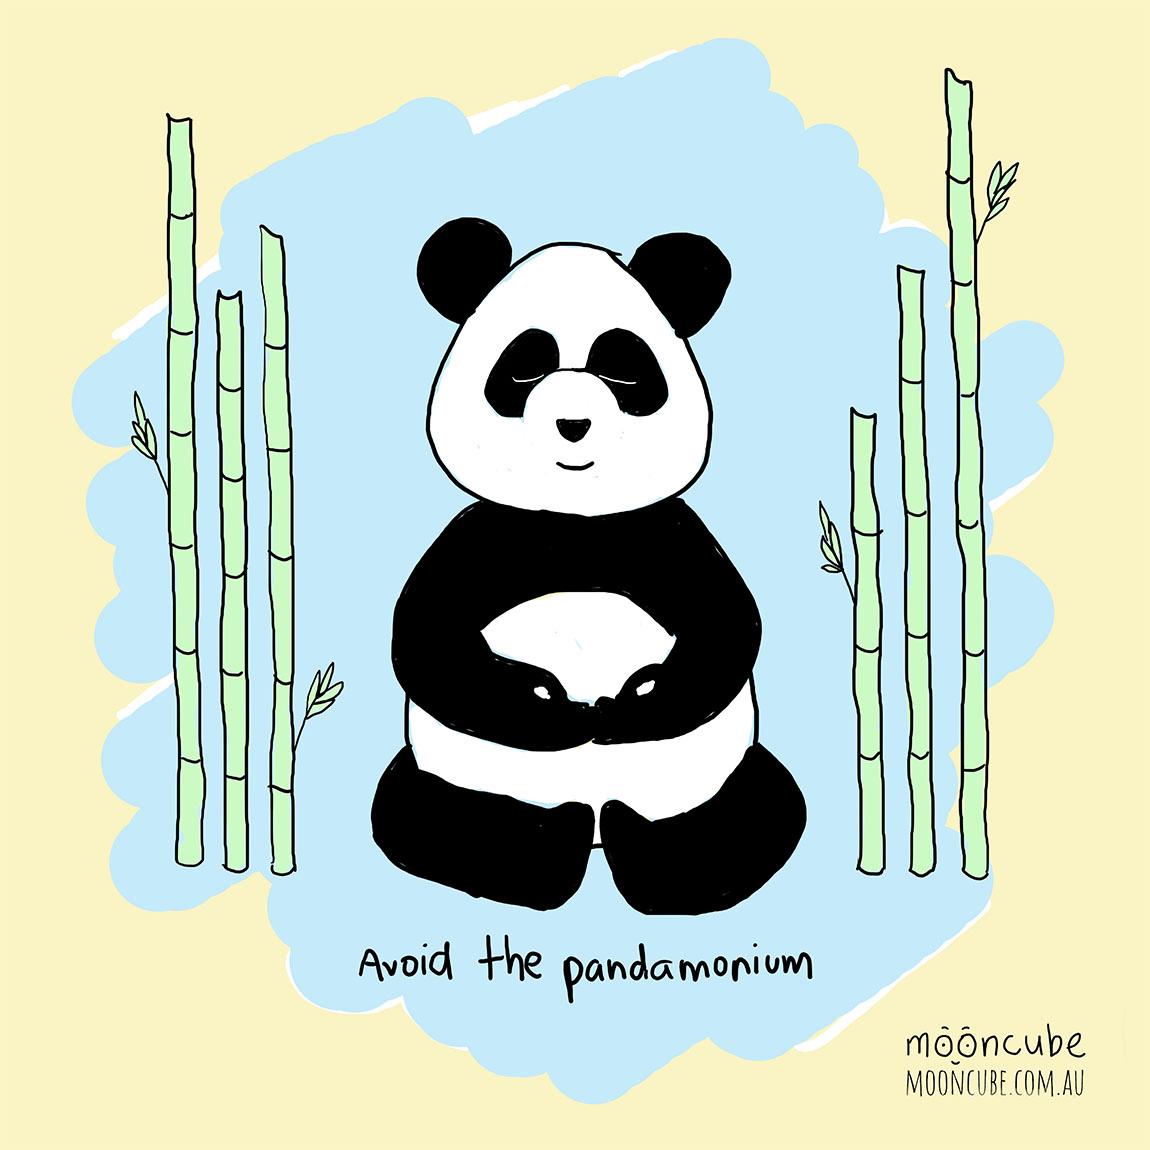 mooncube Artist, Cartoonist. Panda meditation.